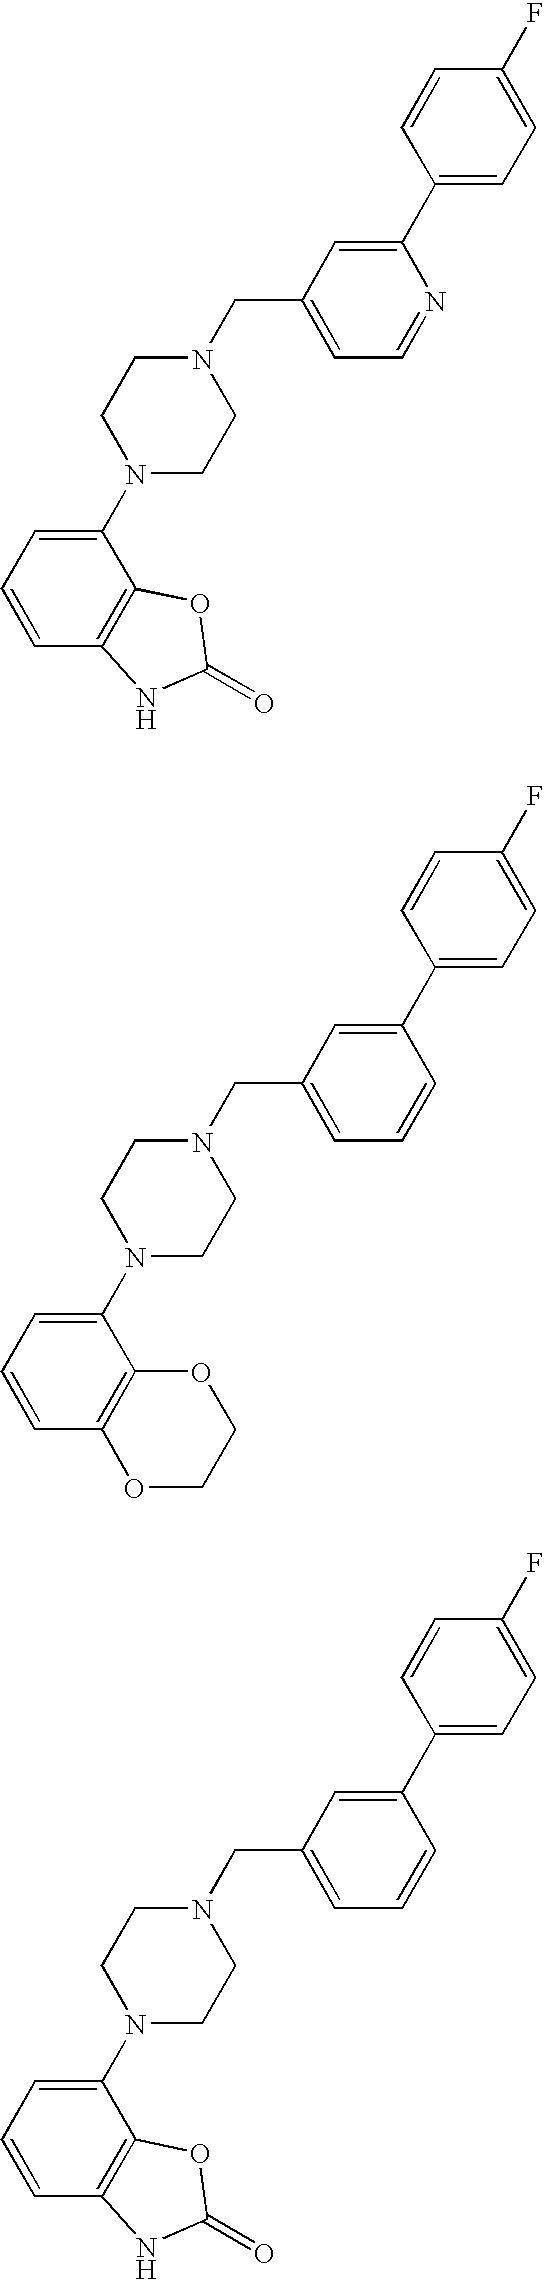 Figure US20100009983A1-20100114-C00165